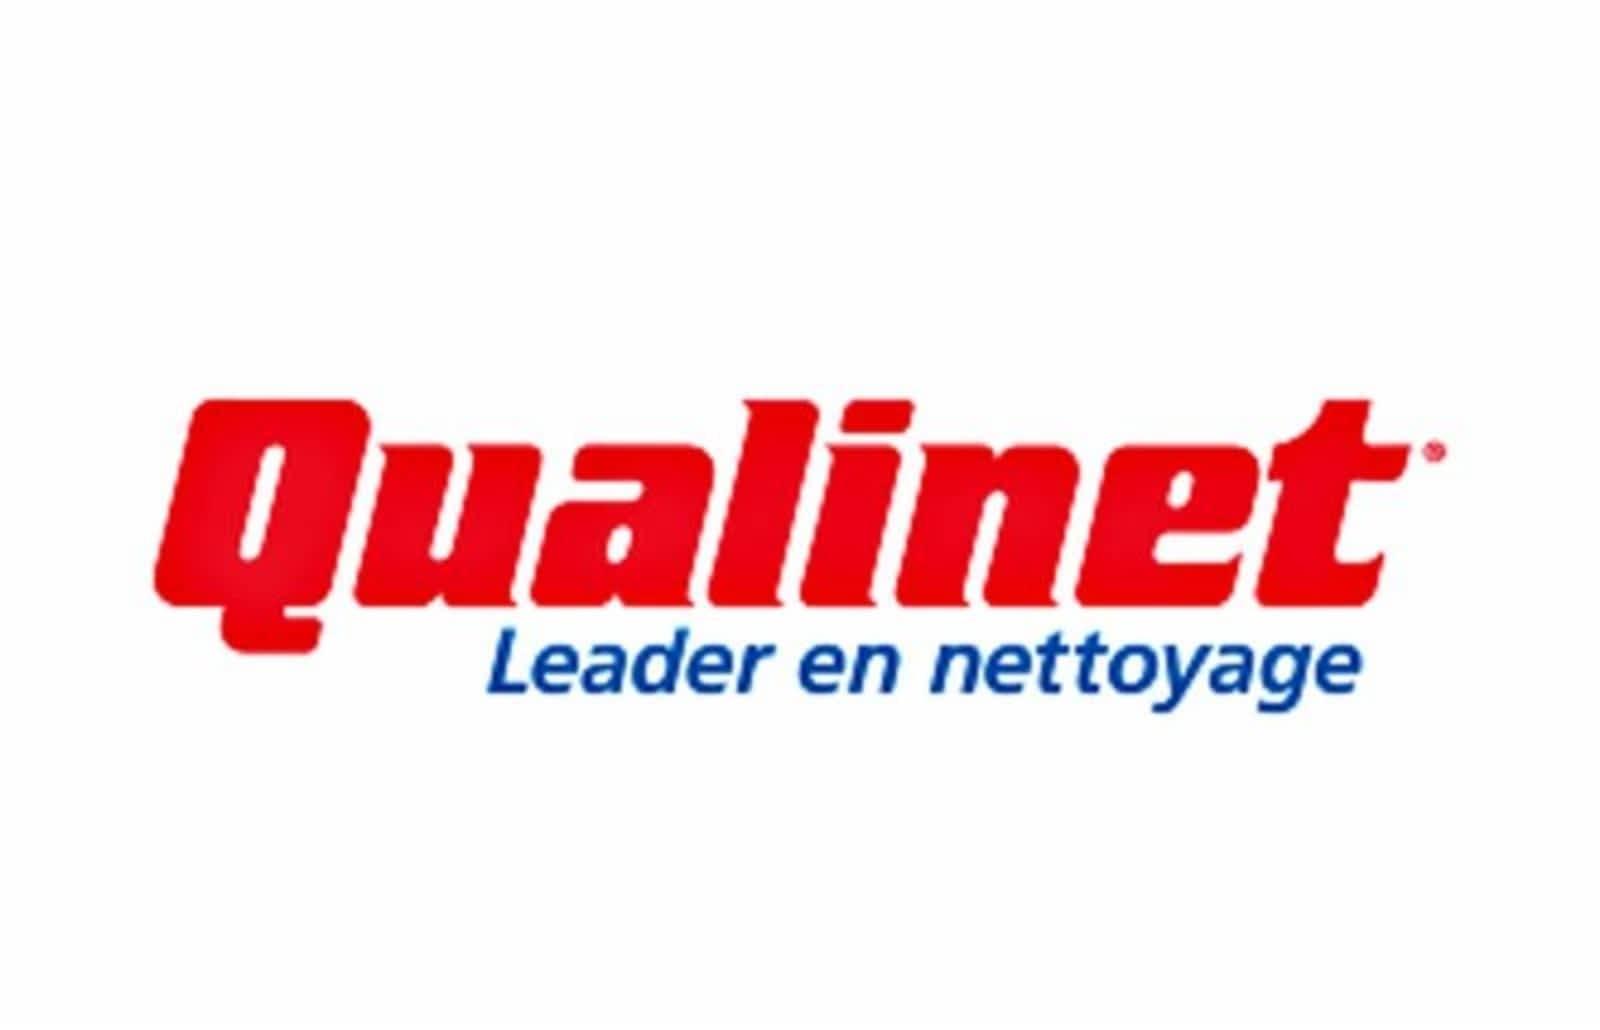 logo Qualinet, Qualinet paiement, Qualinet partenaire Clover